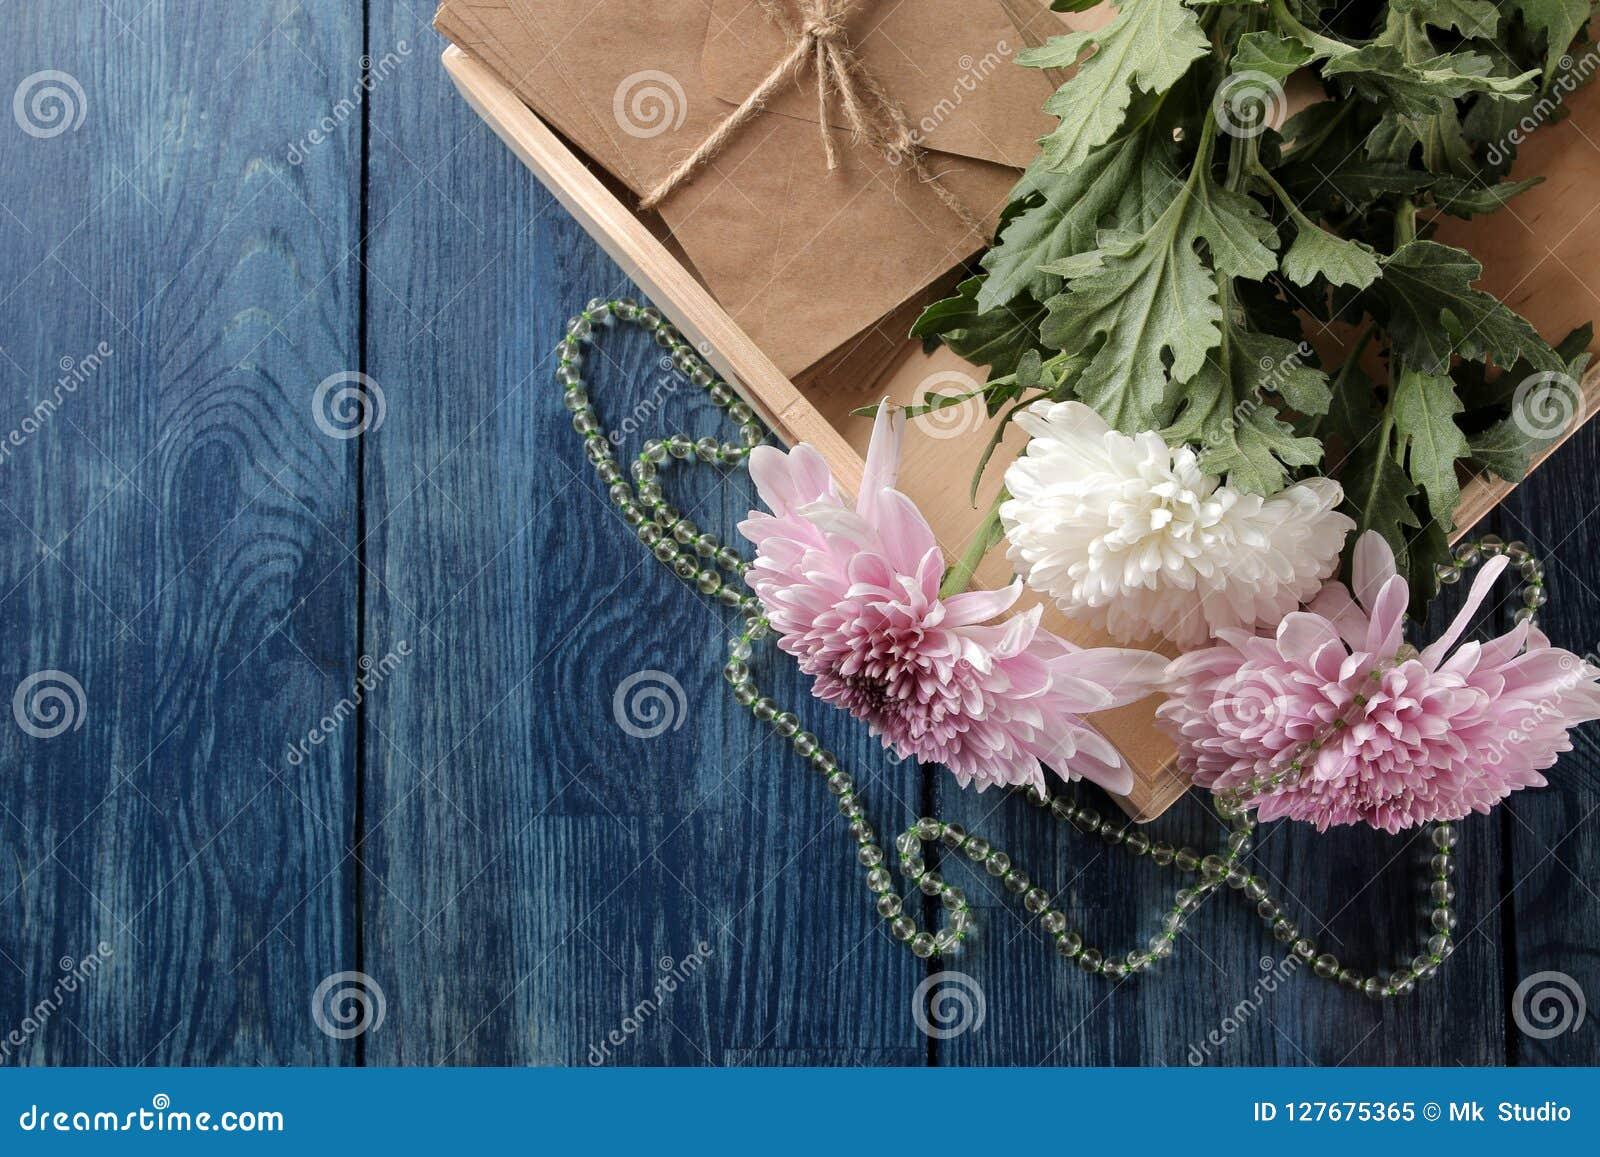 Herbstblumen der Chrysantheme mit Perlen und Buchstaben auf einer dunkelblauen Tabelle mit einem Platz für Aufschrift